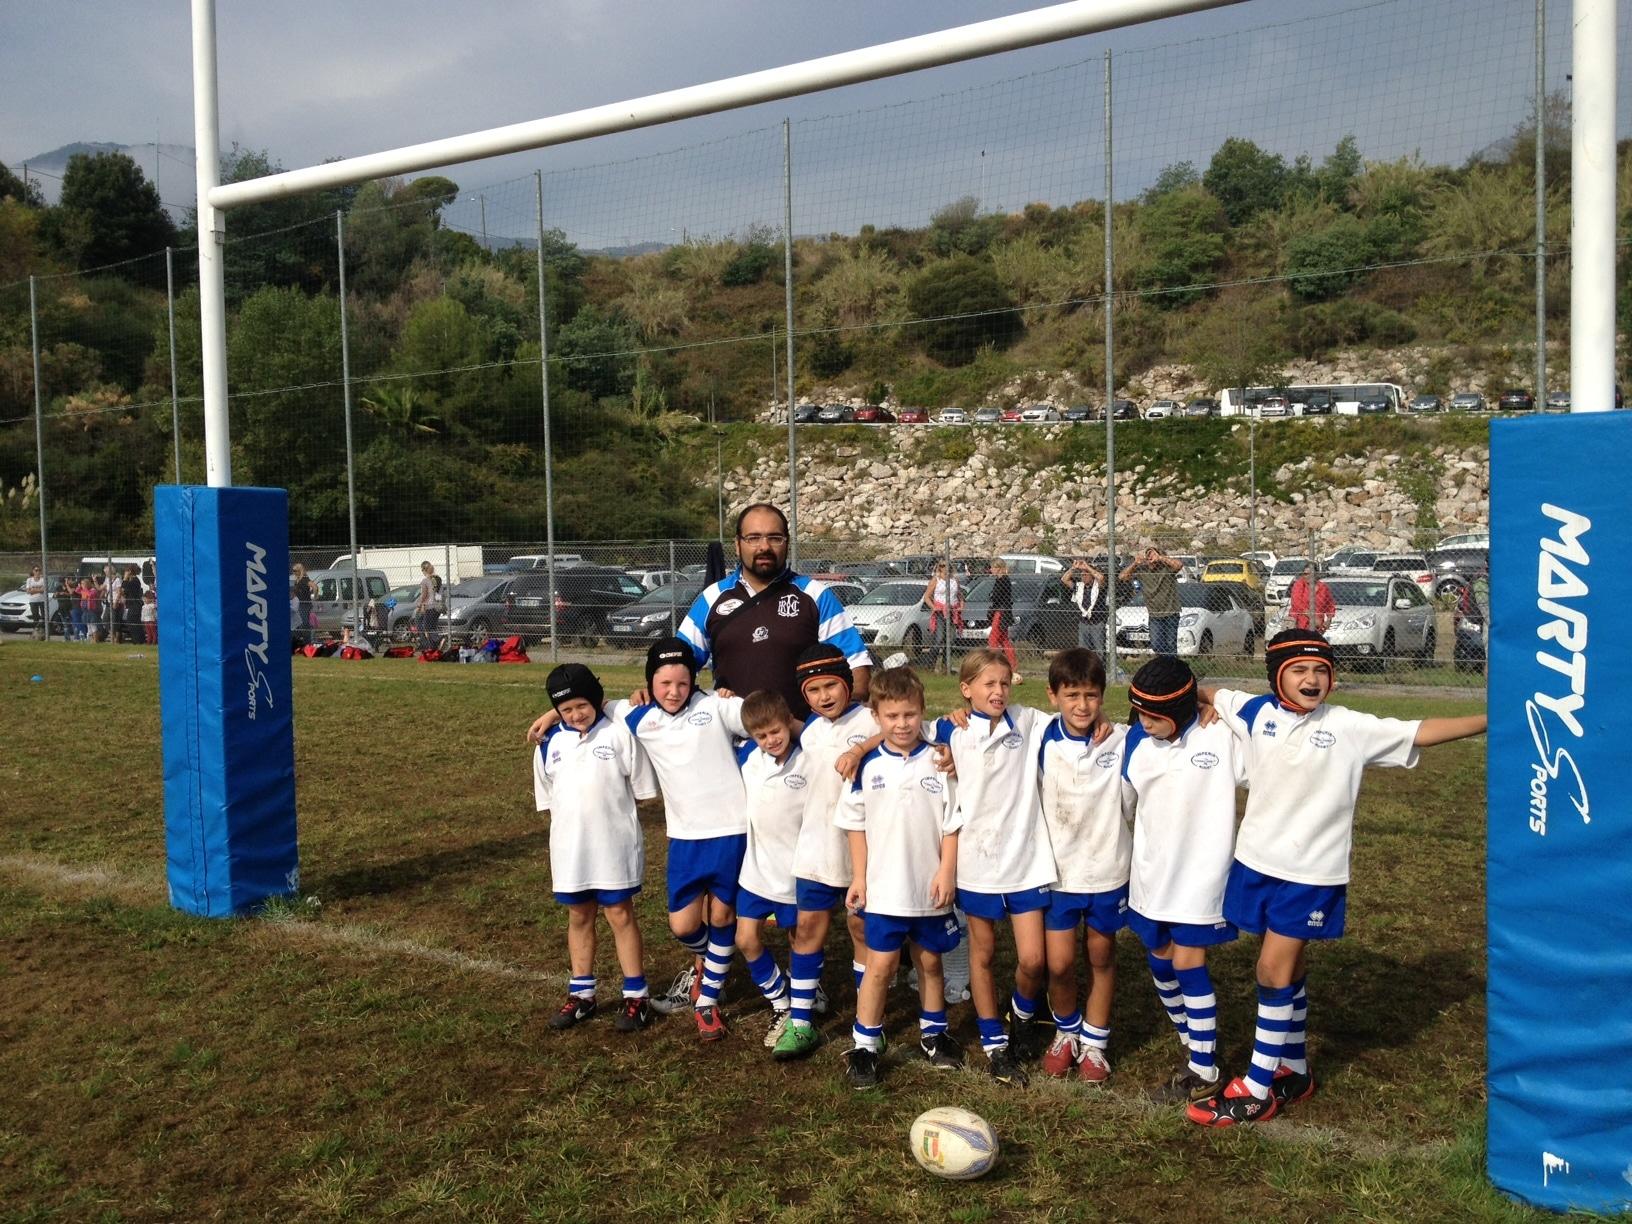 Una società ormai da anni capofila nella pratica del rugby locale, anche quest'anno è pronta ad affrontare campionati ed eventi a livello giovanile e di prima squadra.